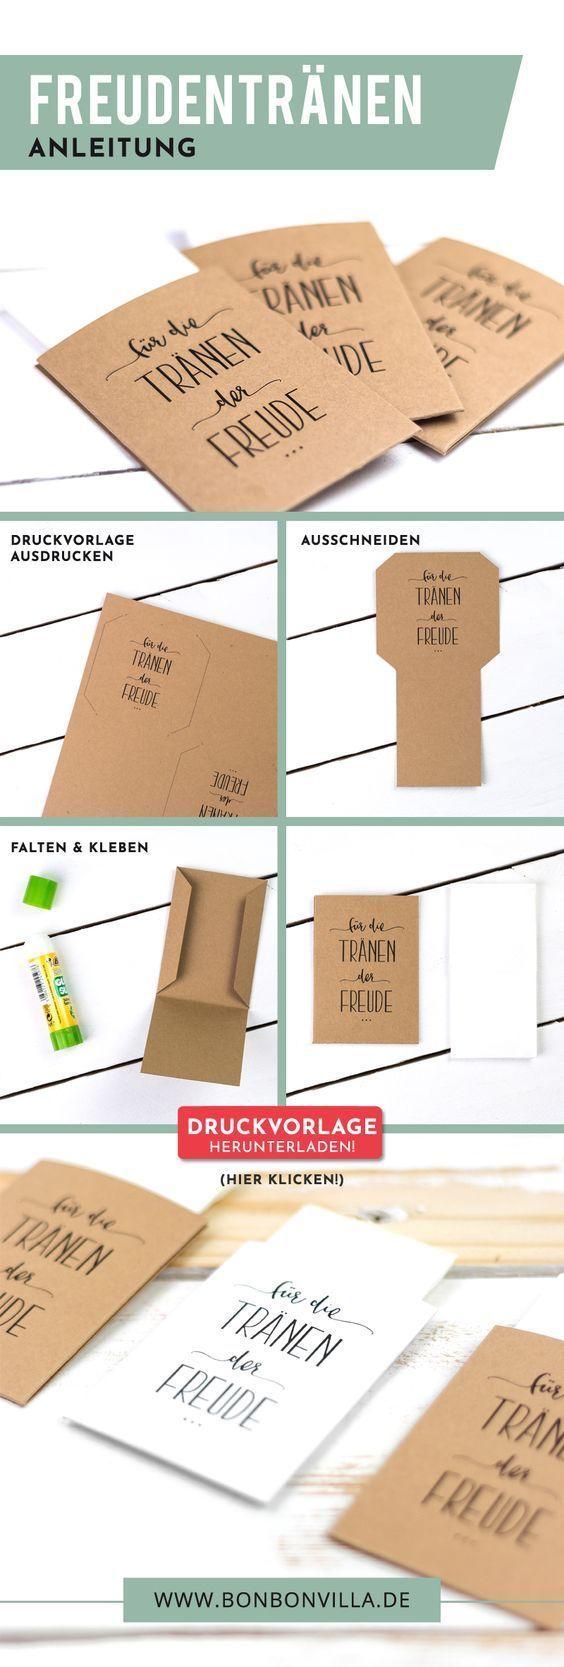 Ebook Taschentücher für die Freudentränen – Bonbon Villa